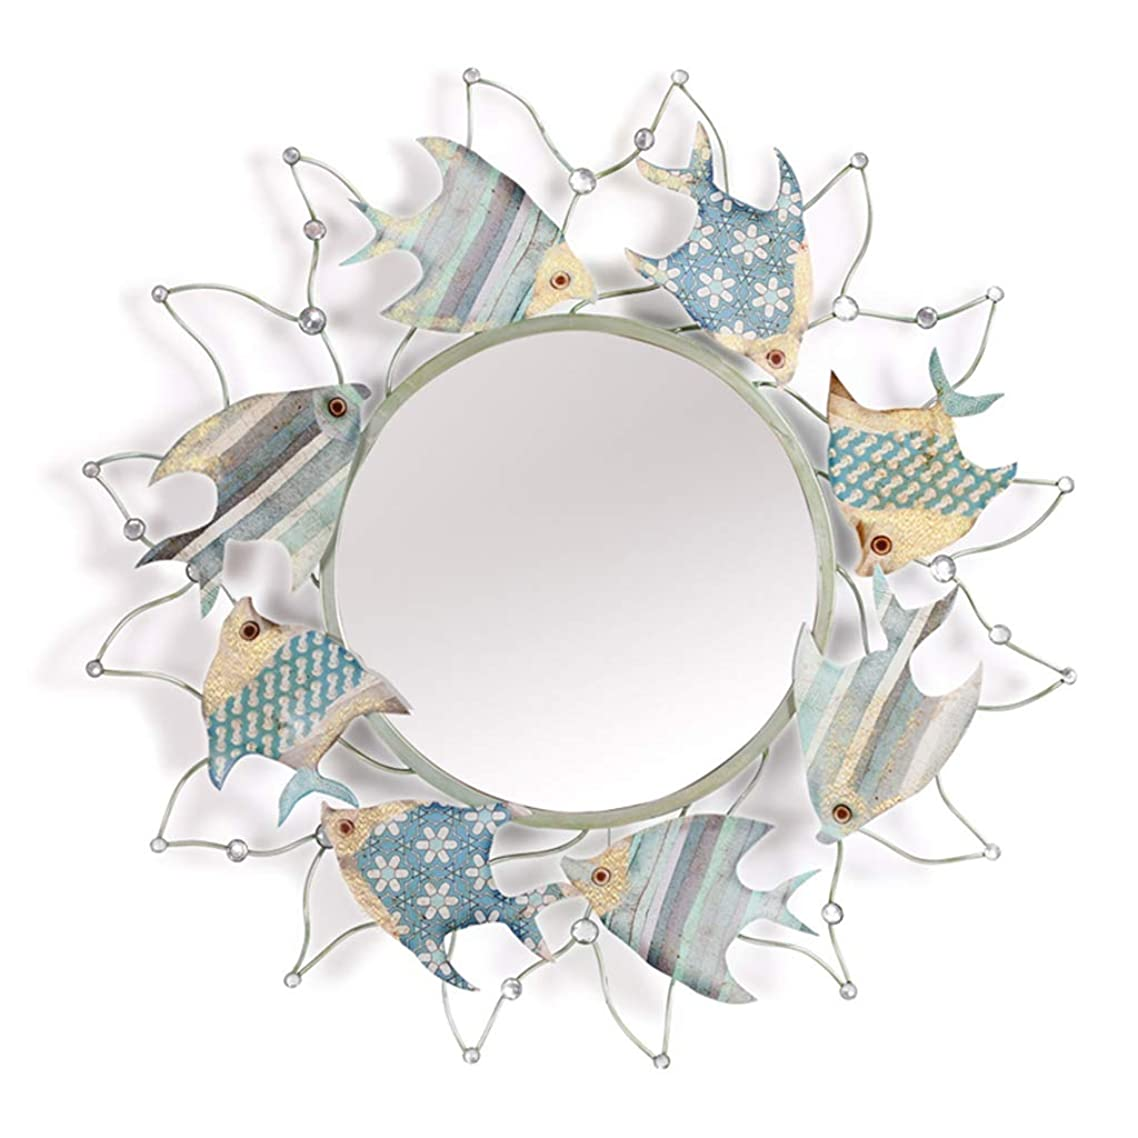 お願いしますタバコちなみに装飾壁鏡、 3D海洋魚の金属フレーム、 壁掛けアンティークのバスルームの鏡。 78 cm、 リビングルーム、子供部屋、エントランスの地中海スタイルの装飾